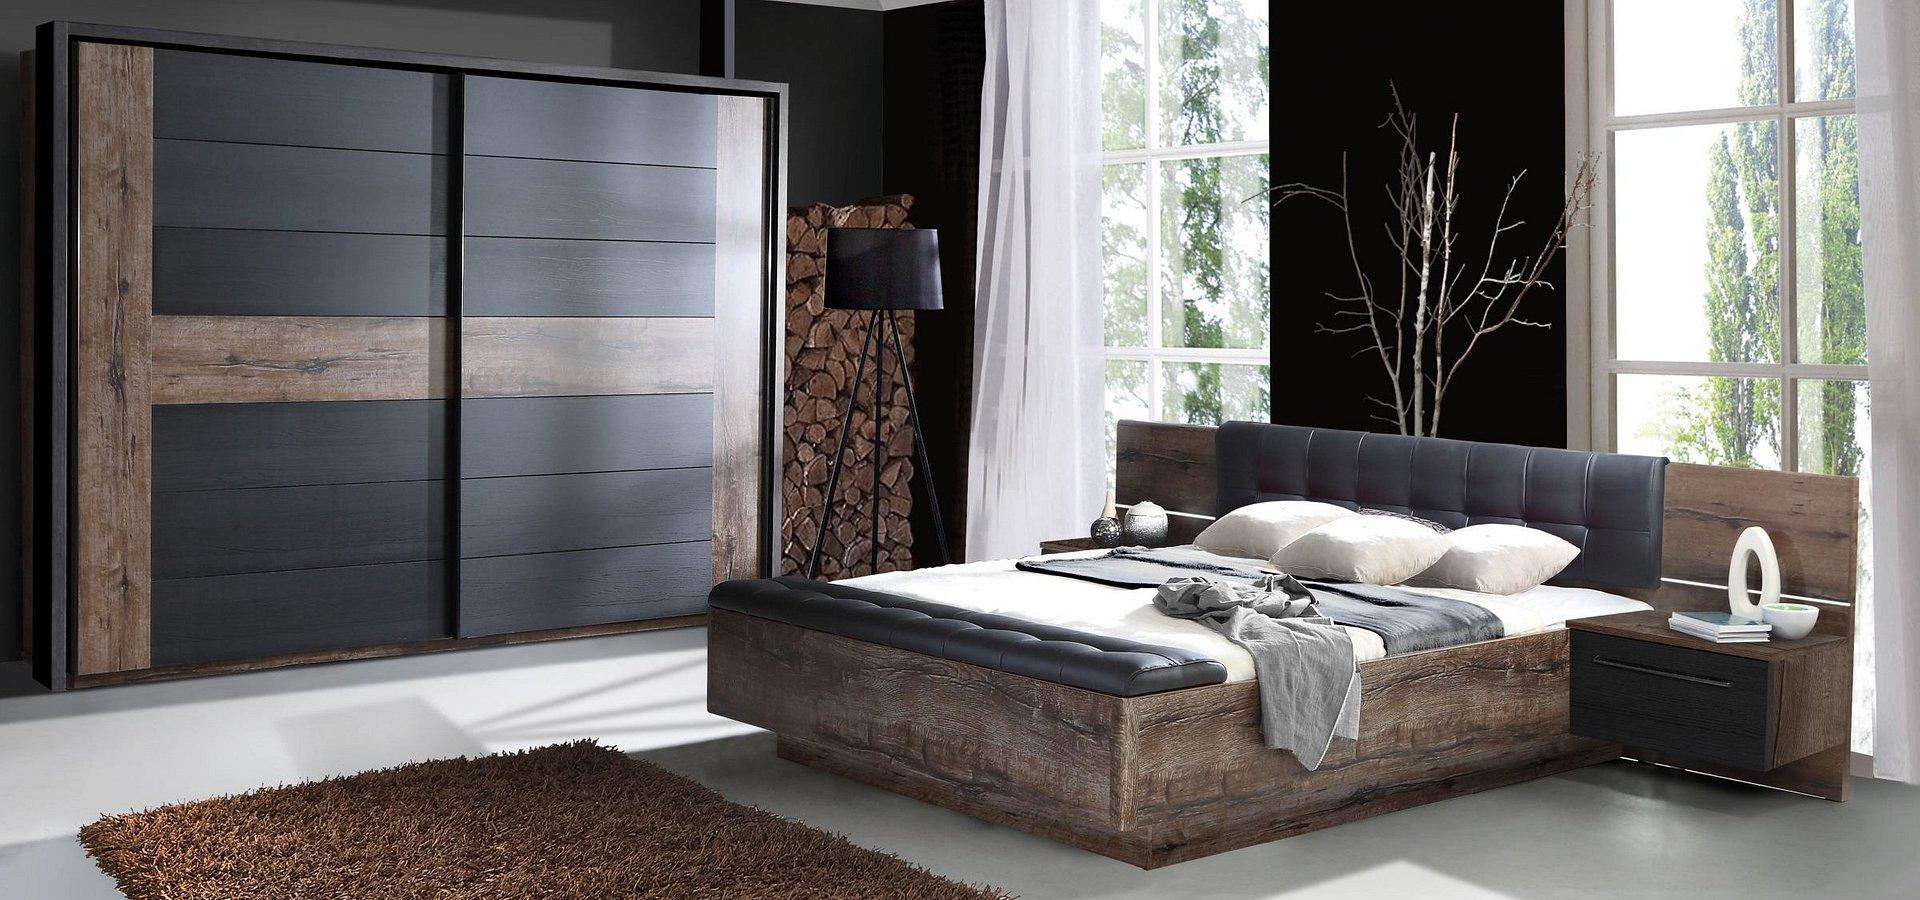 Wielofunkcyjne szafy i regały. Jak wybrać idealne meble dla całej rodziny?